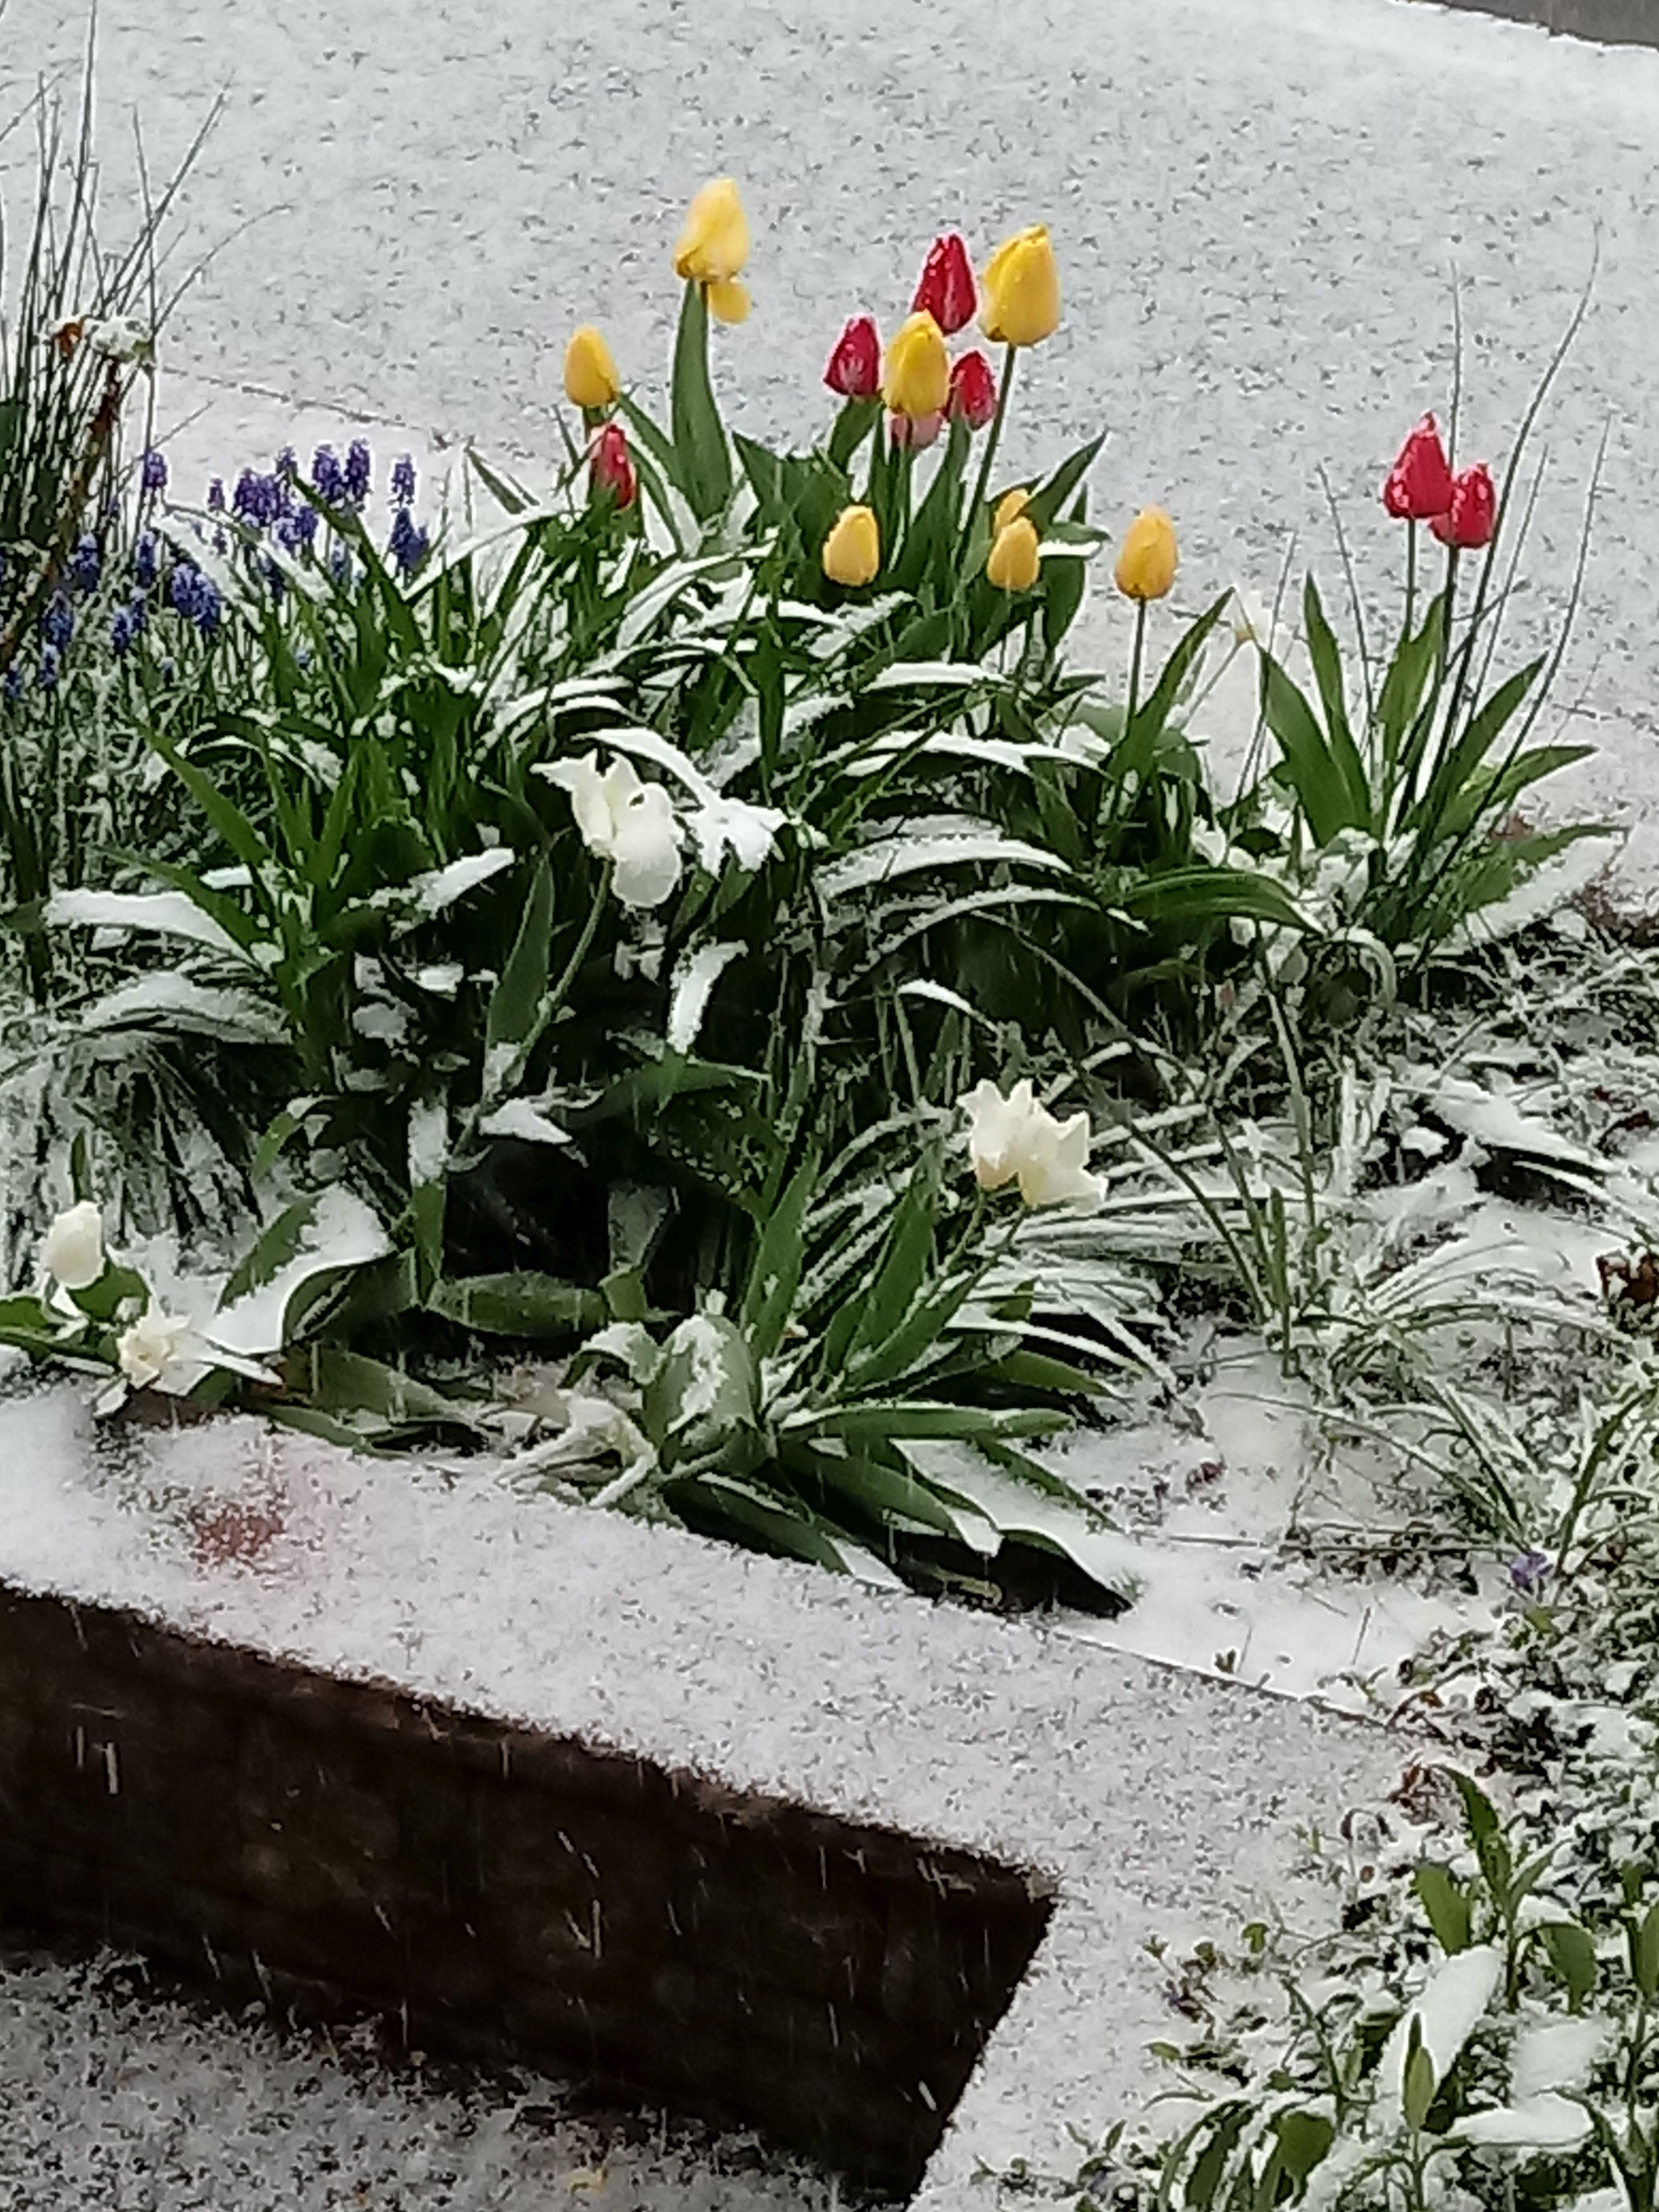 18.04. schnee aud Tulpen